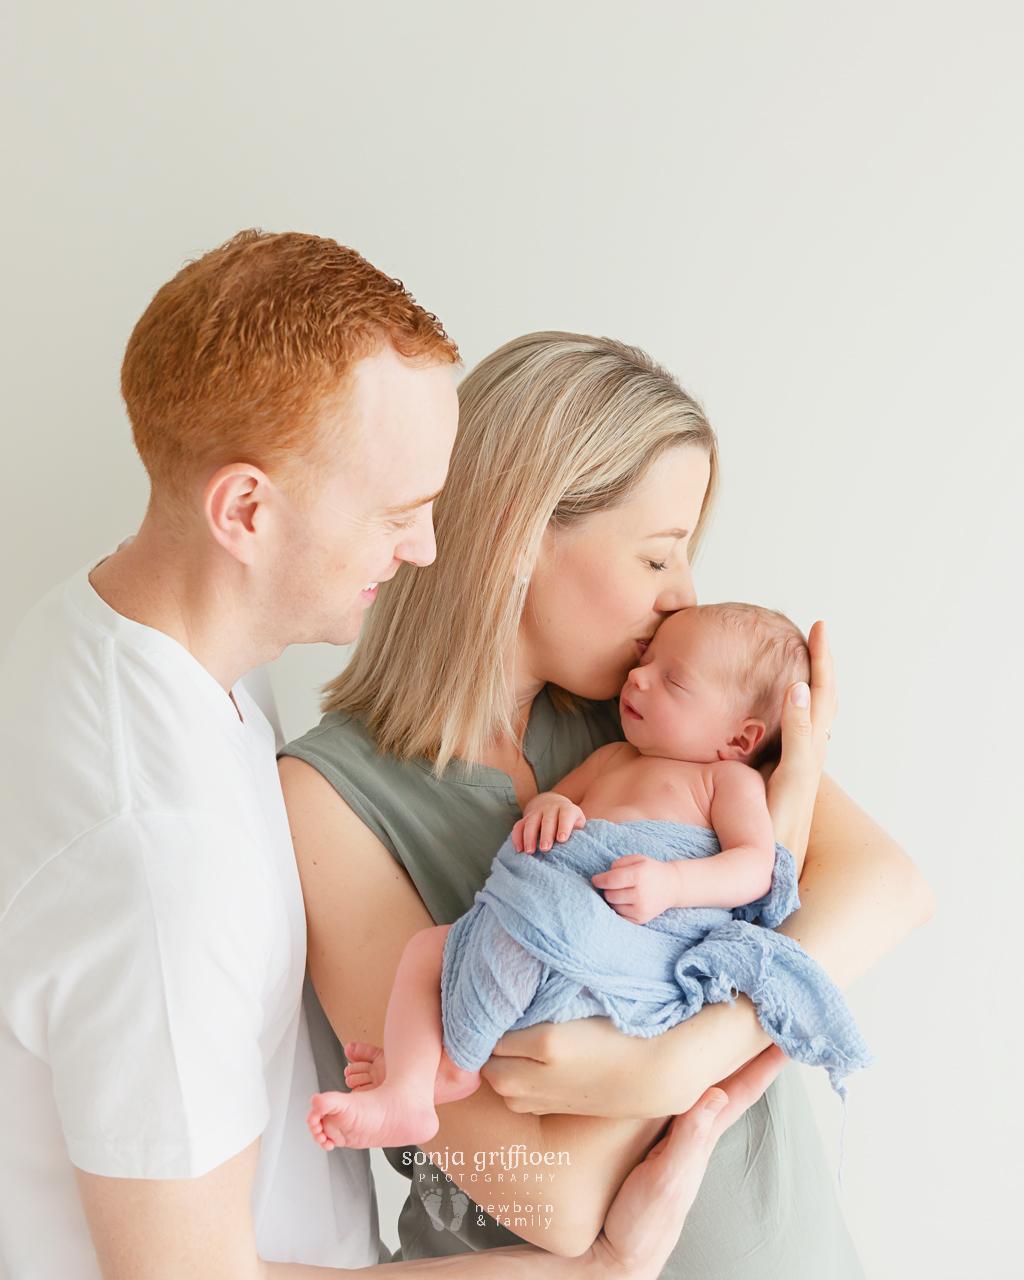 Archie-Newborn-Brisbane-Newborn-Photographer-Sonja-Griffioen-24.jpg